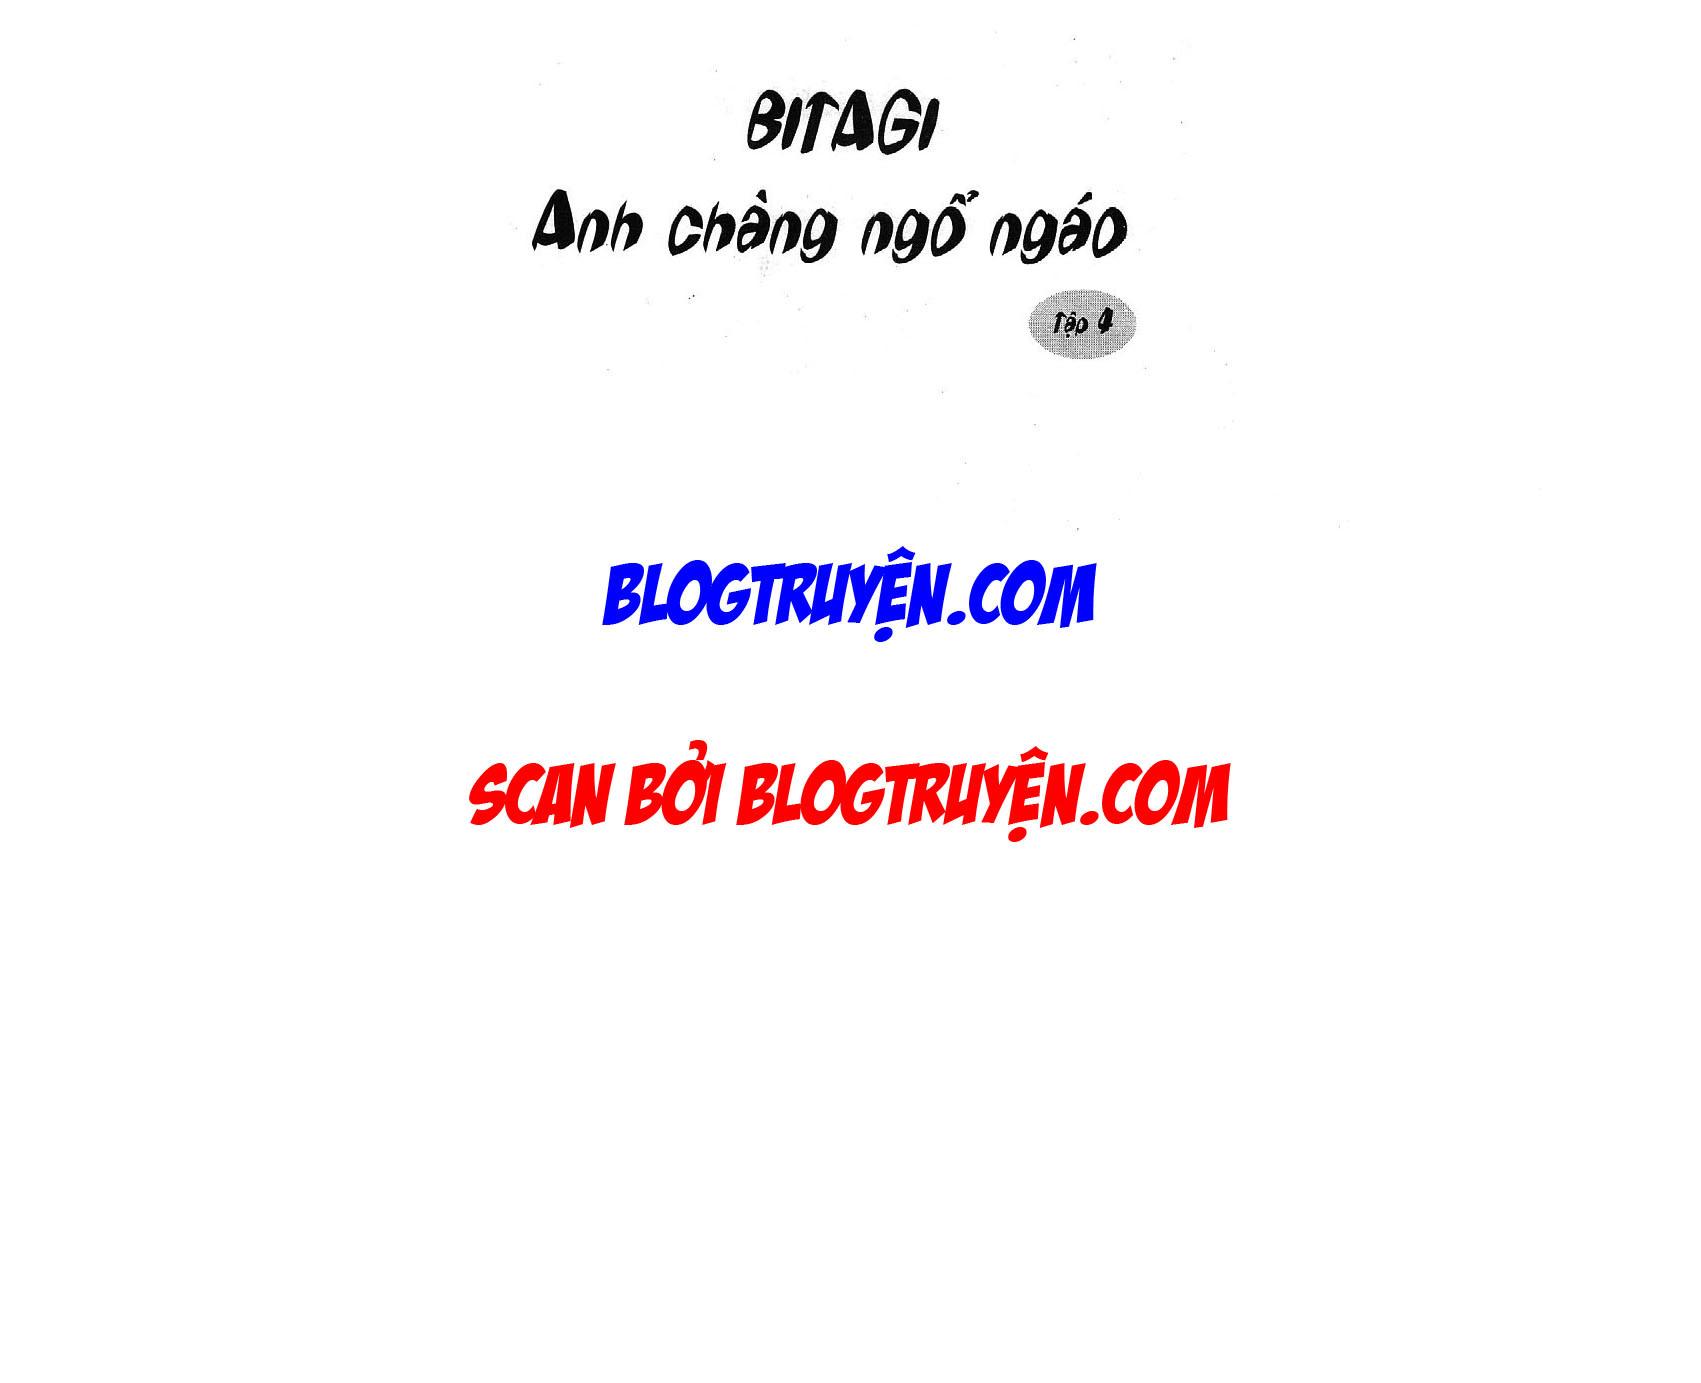 Bitagi - Anh chàng ngổ ngáo chap 22 trang 2